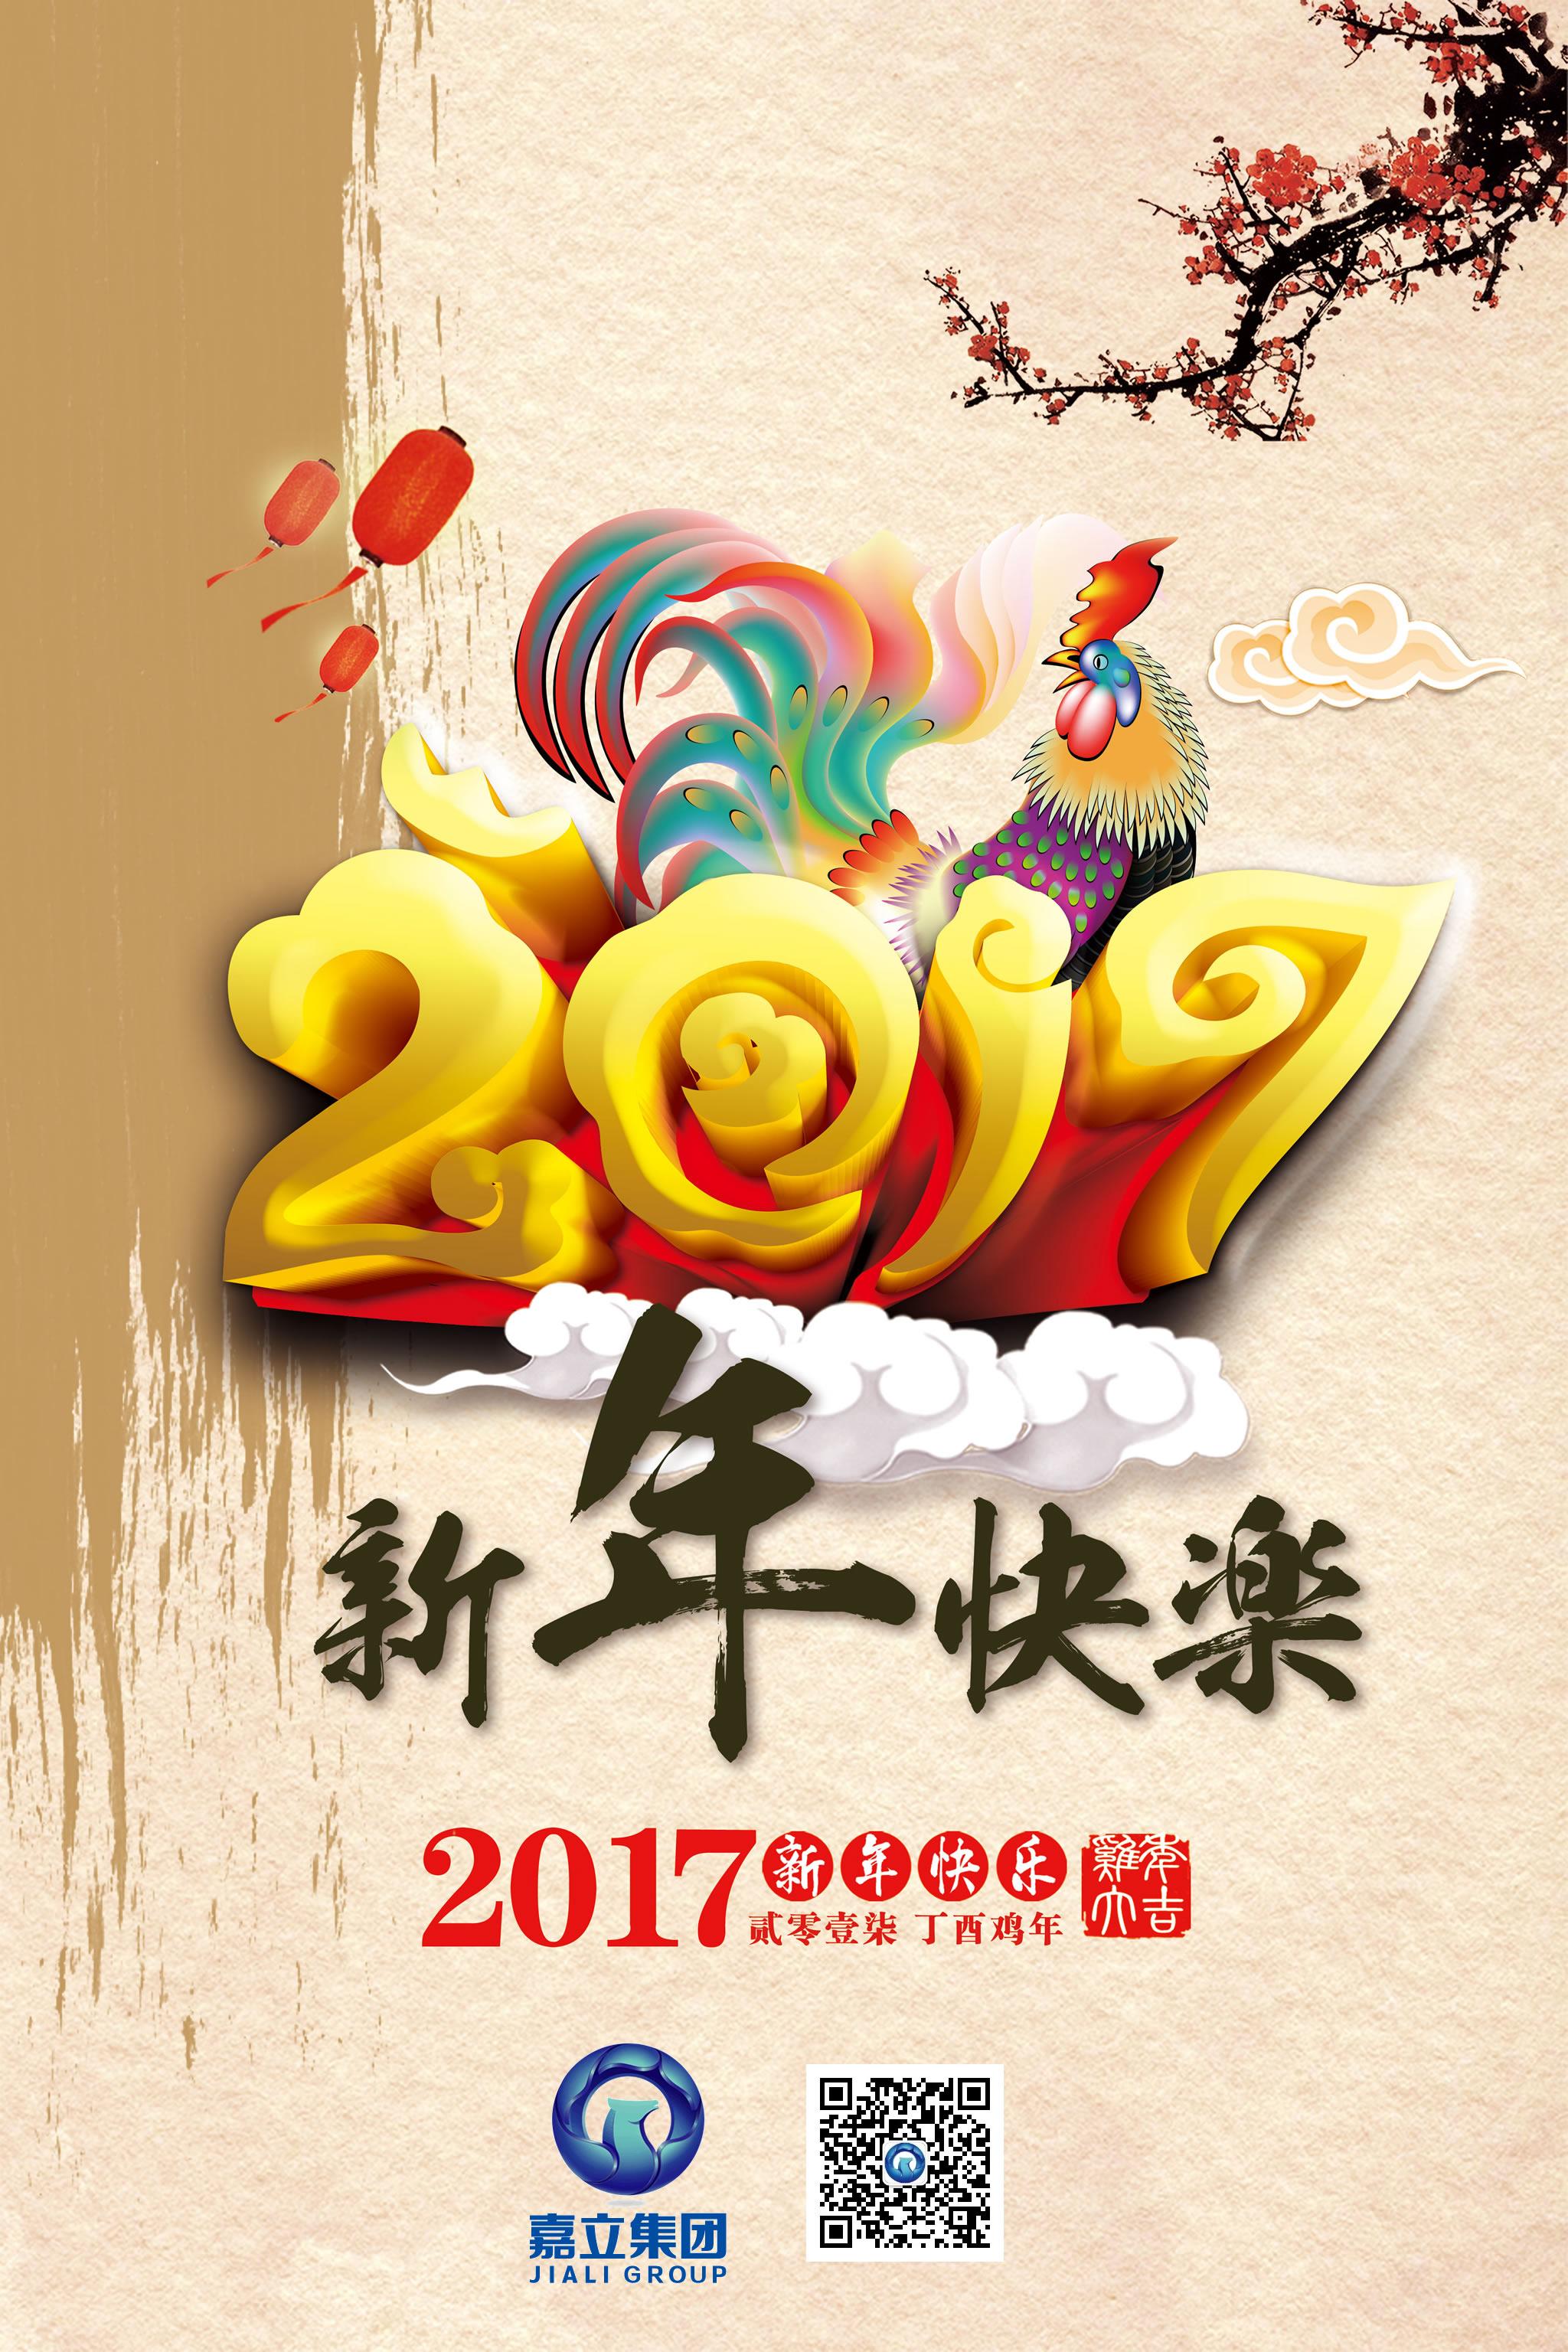 祝嘉立所有朋友新年快乐!